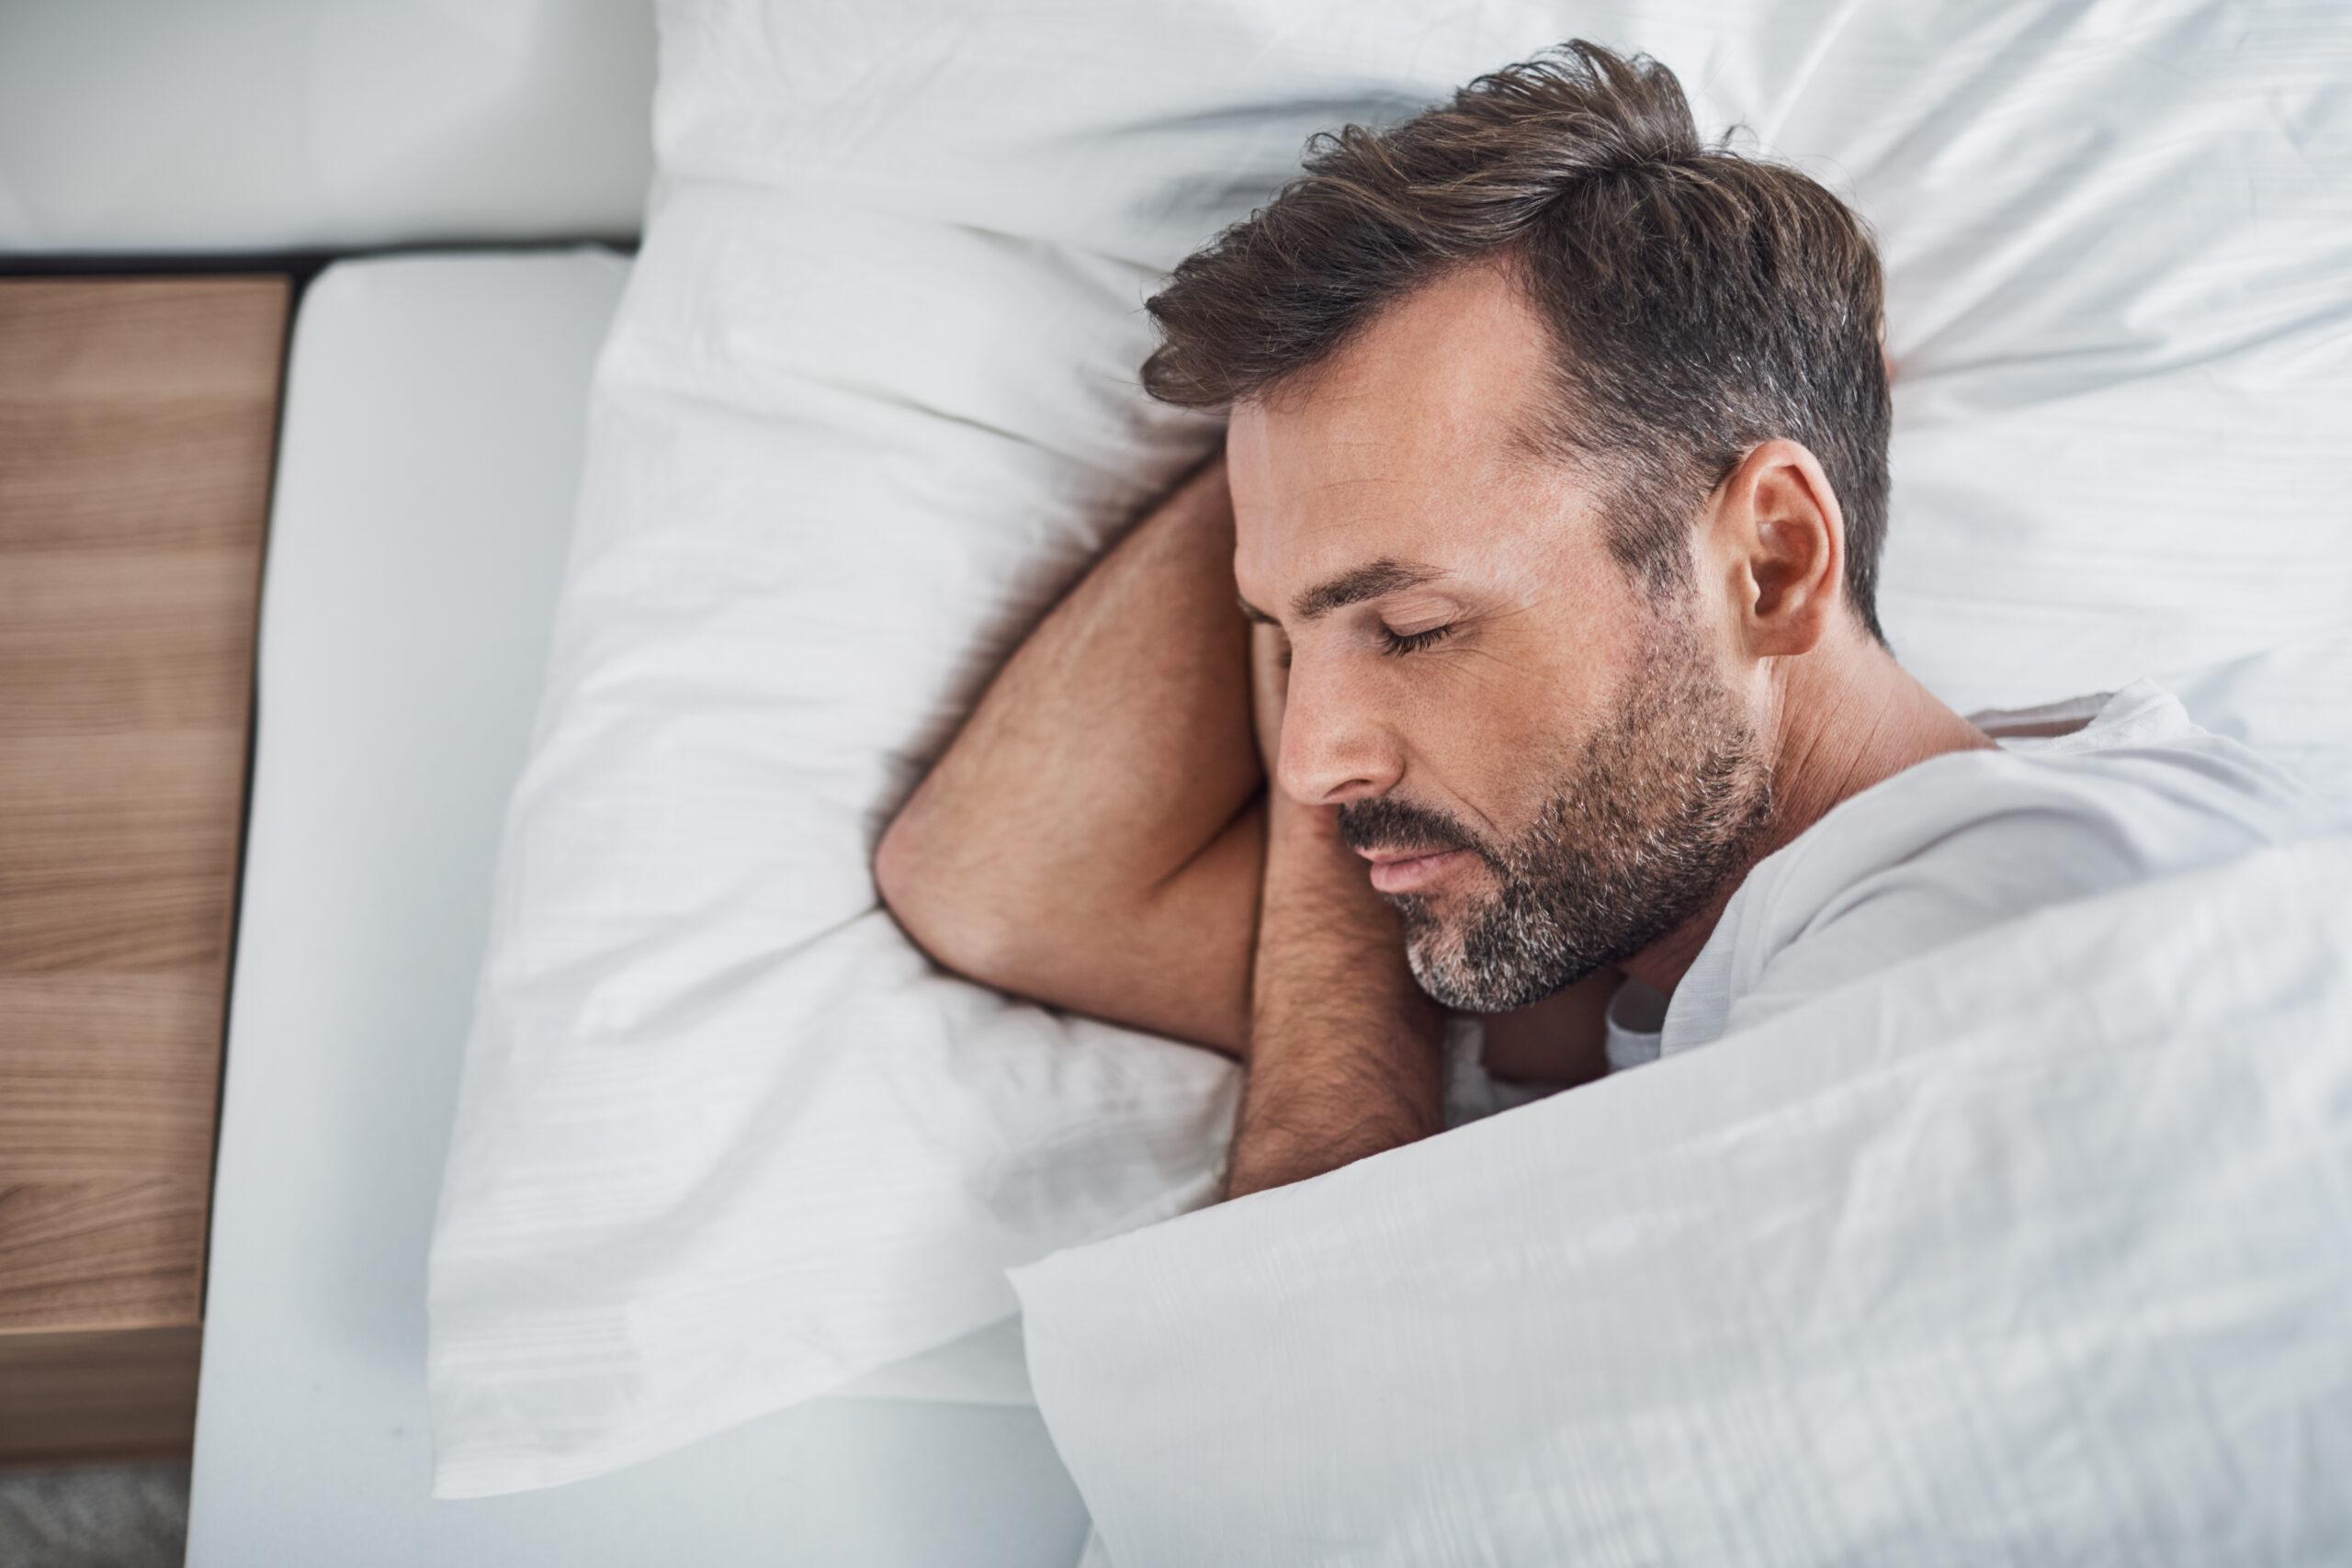 oude man in bed - moe